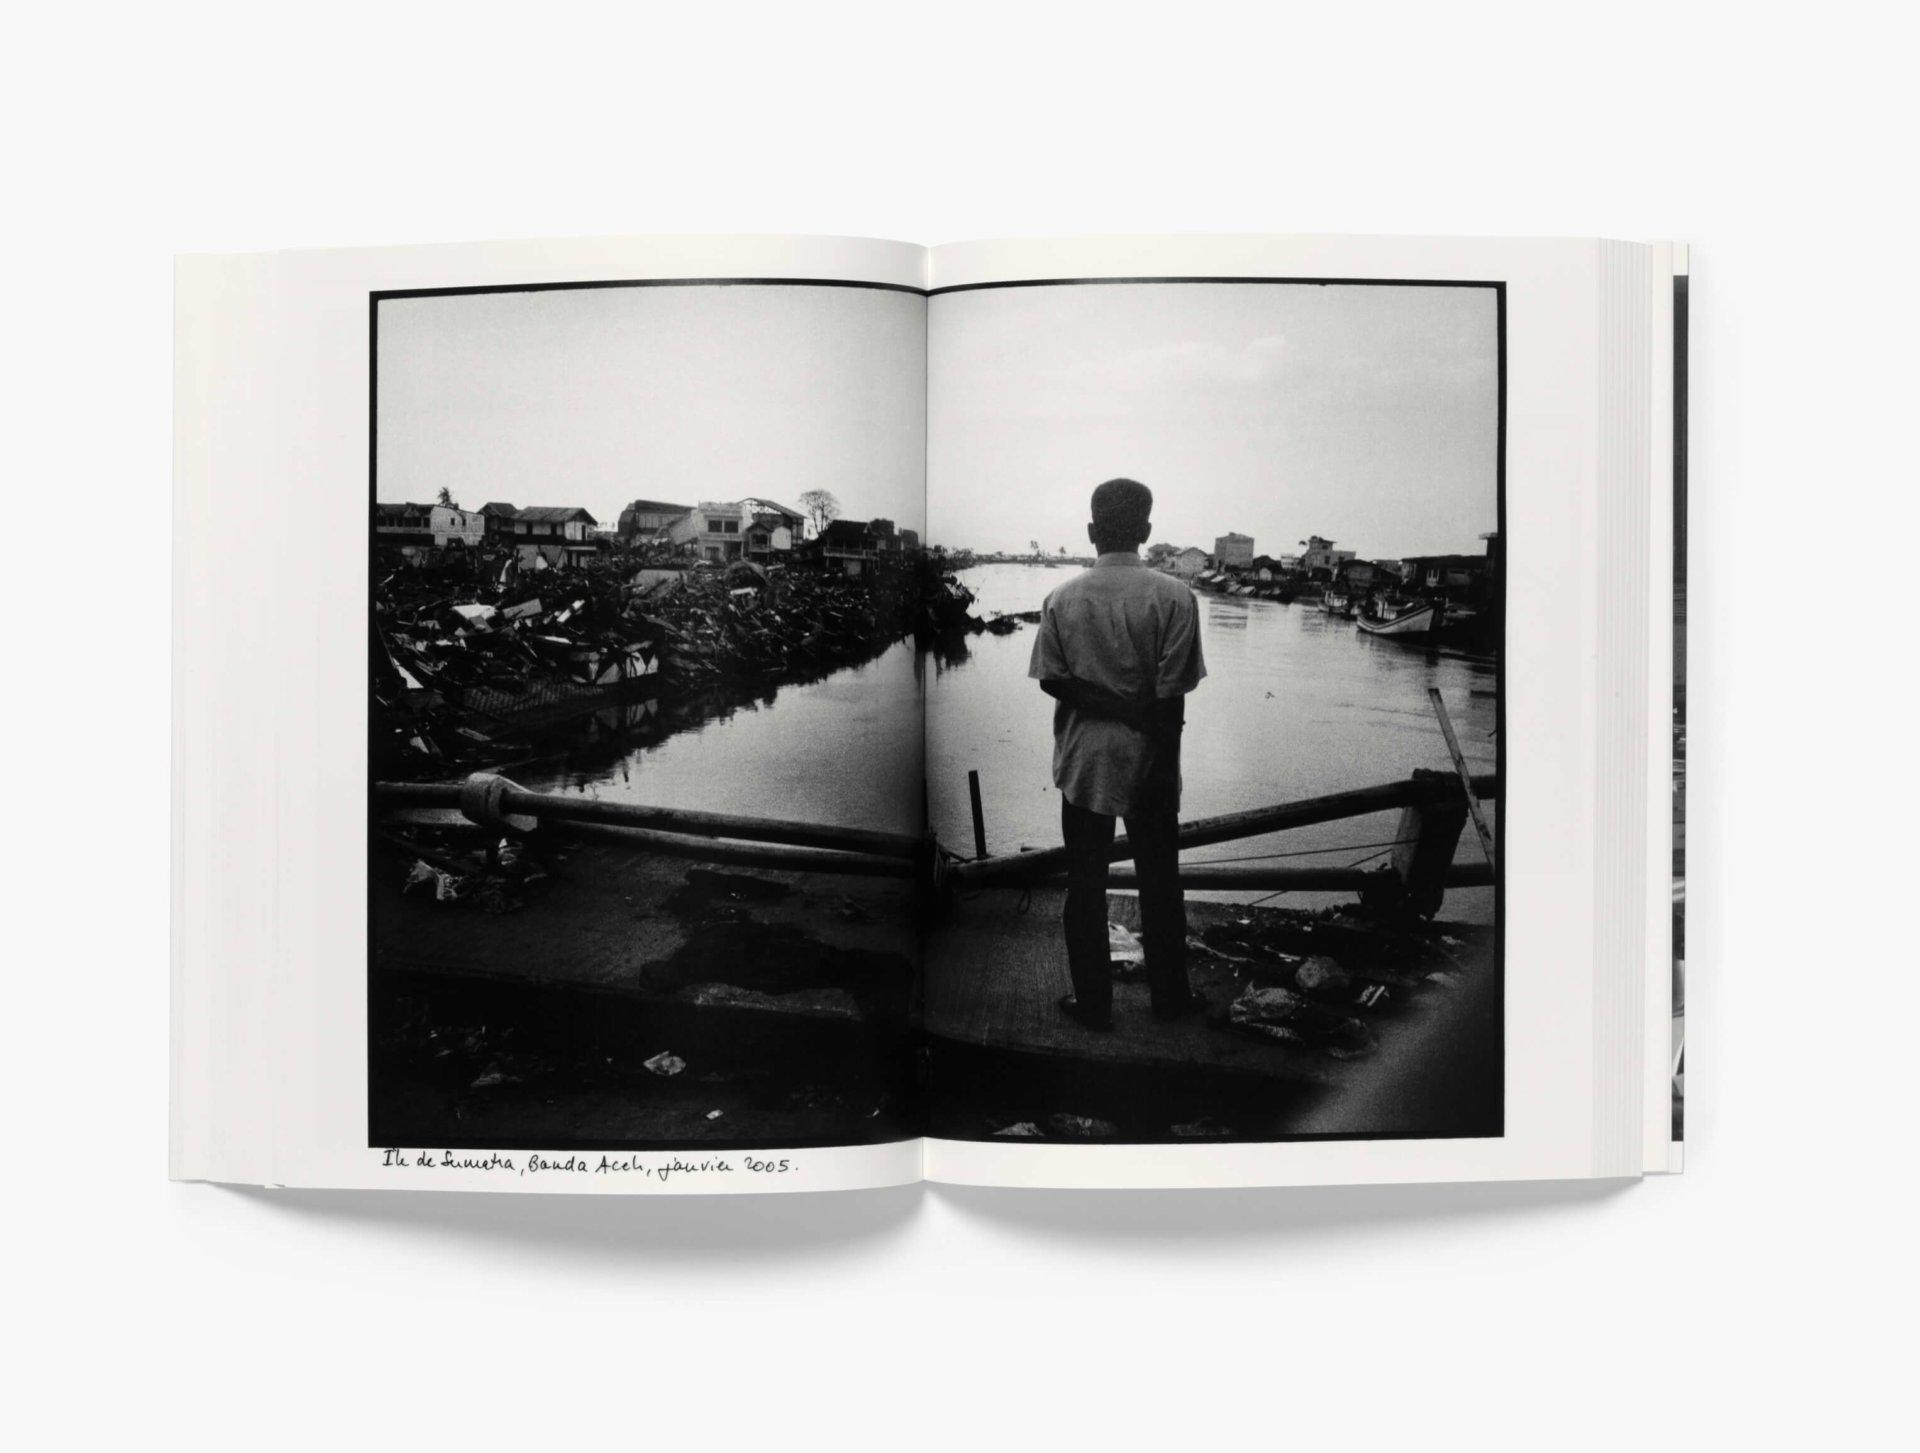 Photo of the inside of the book J'avais posé le monde sur la table